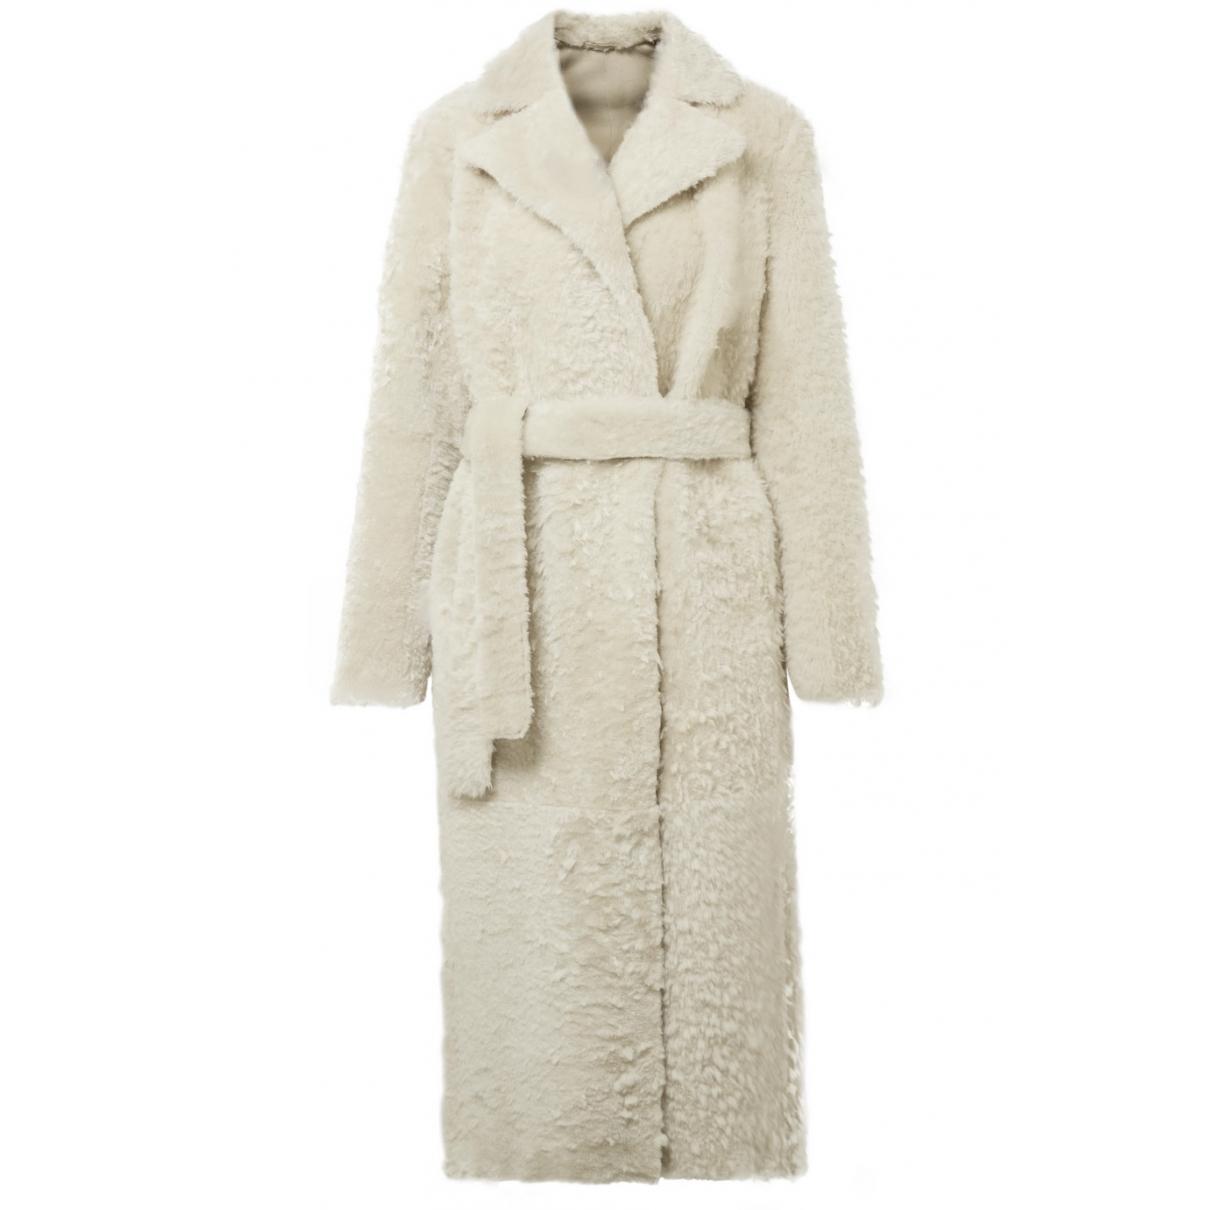 Theory \N Ecru Shearling coat for Women M International